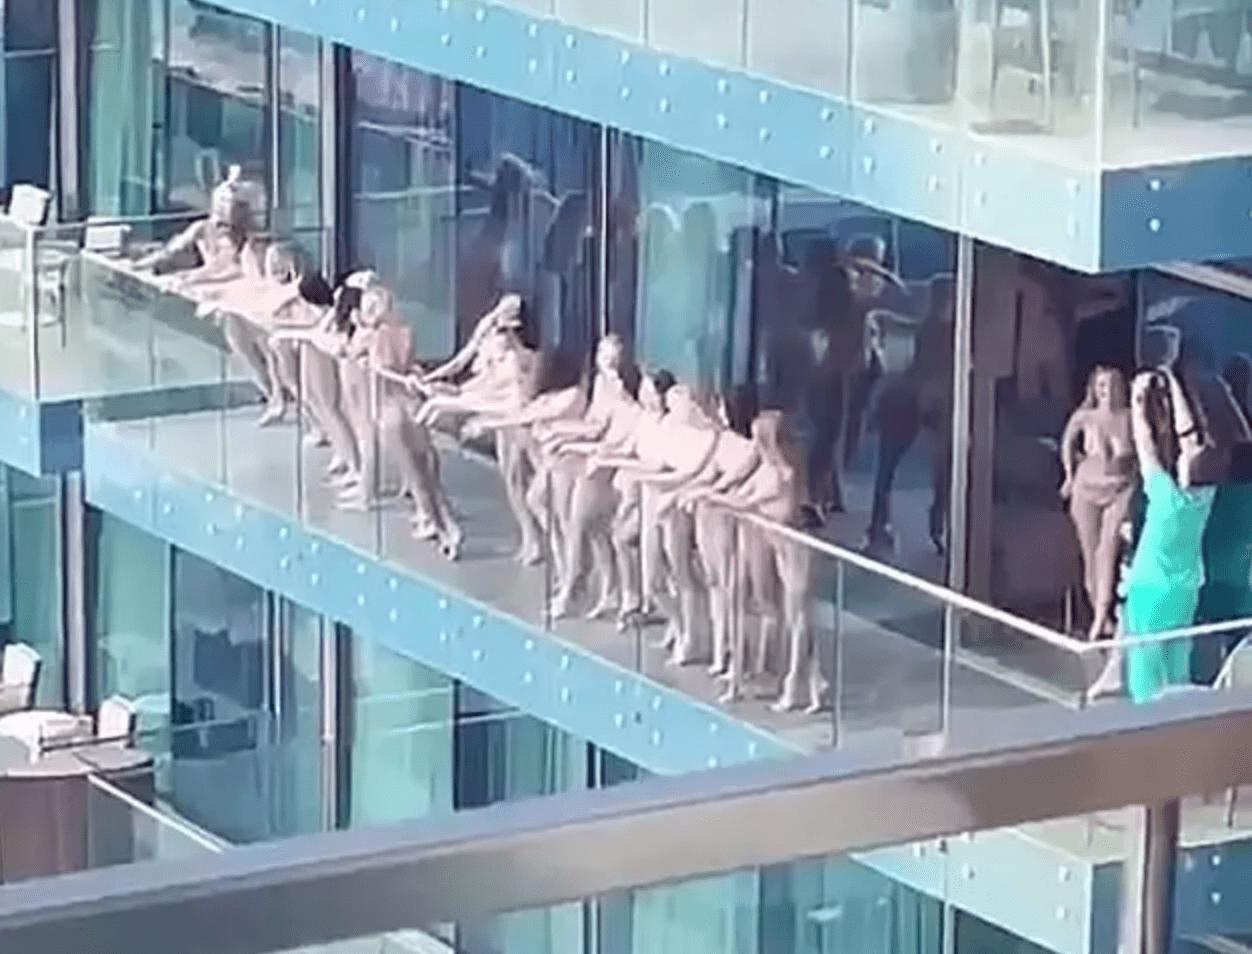 迪拜警方逮捕10多名 在阳台拍裸照的女子